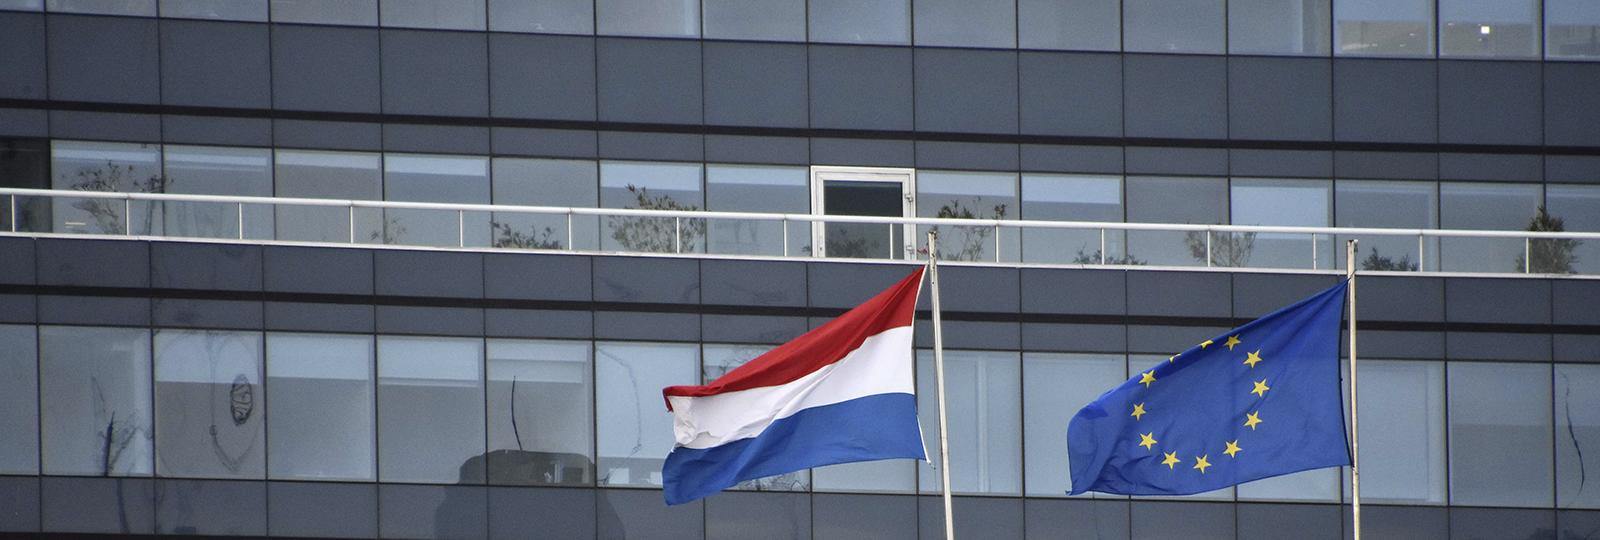 Colectividad Colectividad holandesa